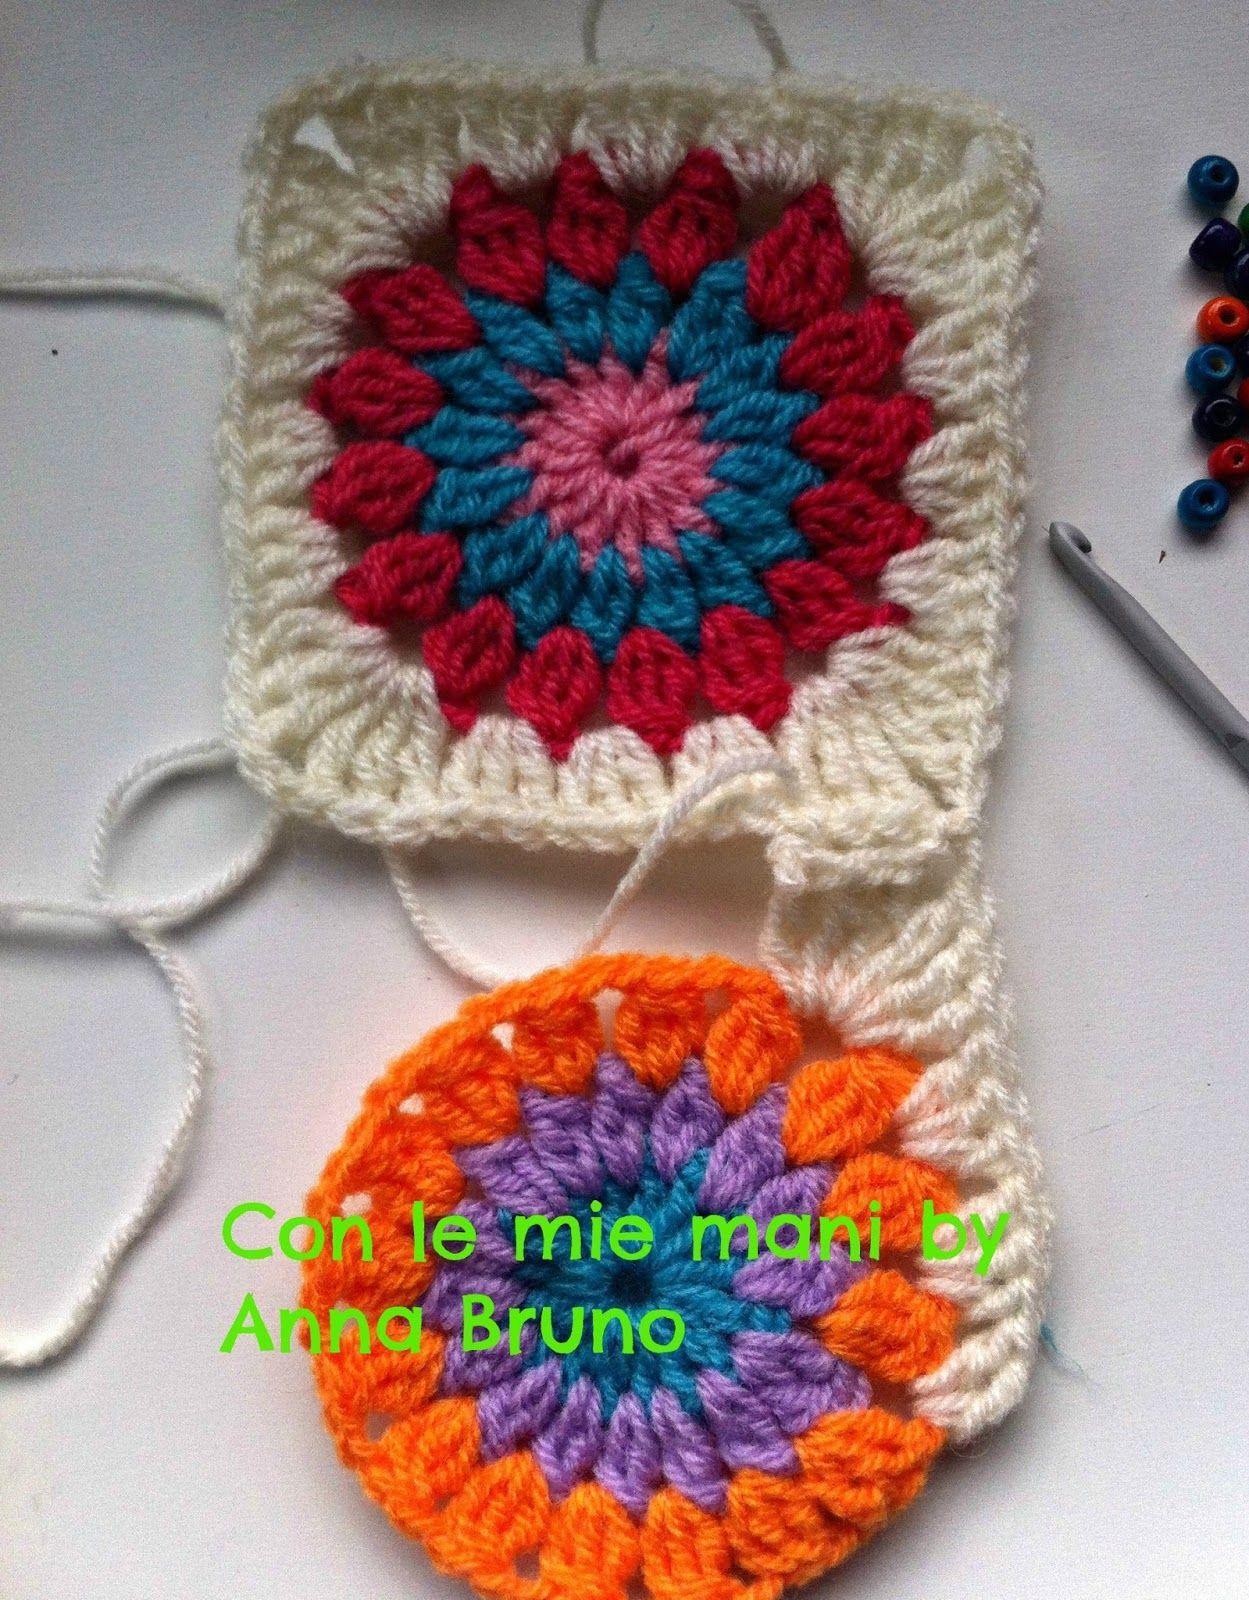 Con le mie mani by Anna Bruno: granny crochet tutorial #anna #bruno #con #crochet #granny #mani #mie #quadratiuncinetto #tutorial  Con le mie mani by Anna Bruno: granny ...